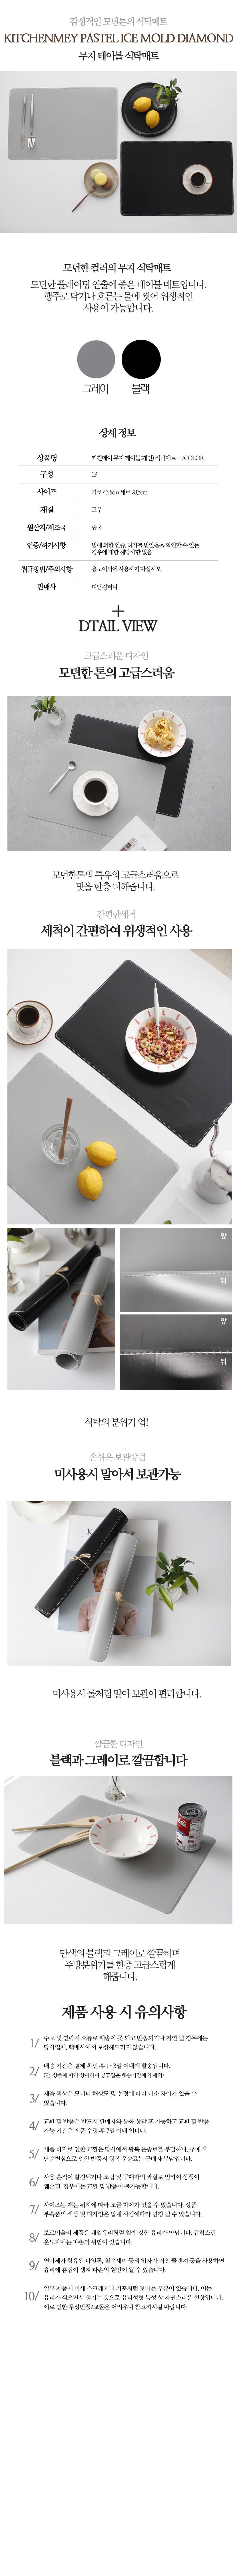 키친메이-무지-테이블-식탁매트.jpg